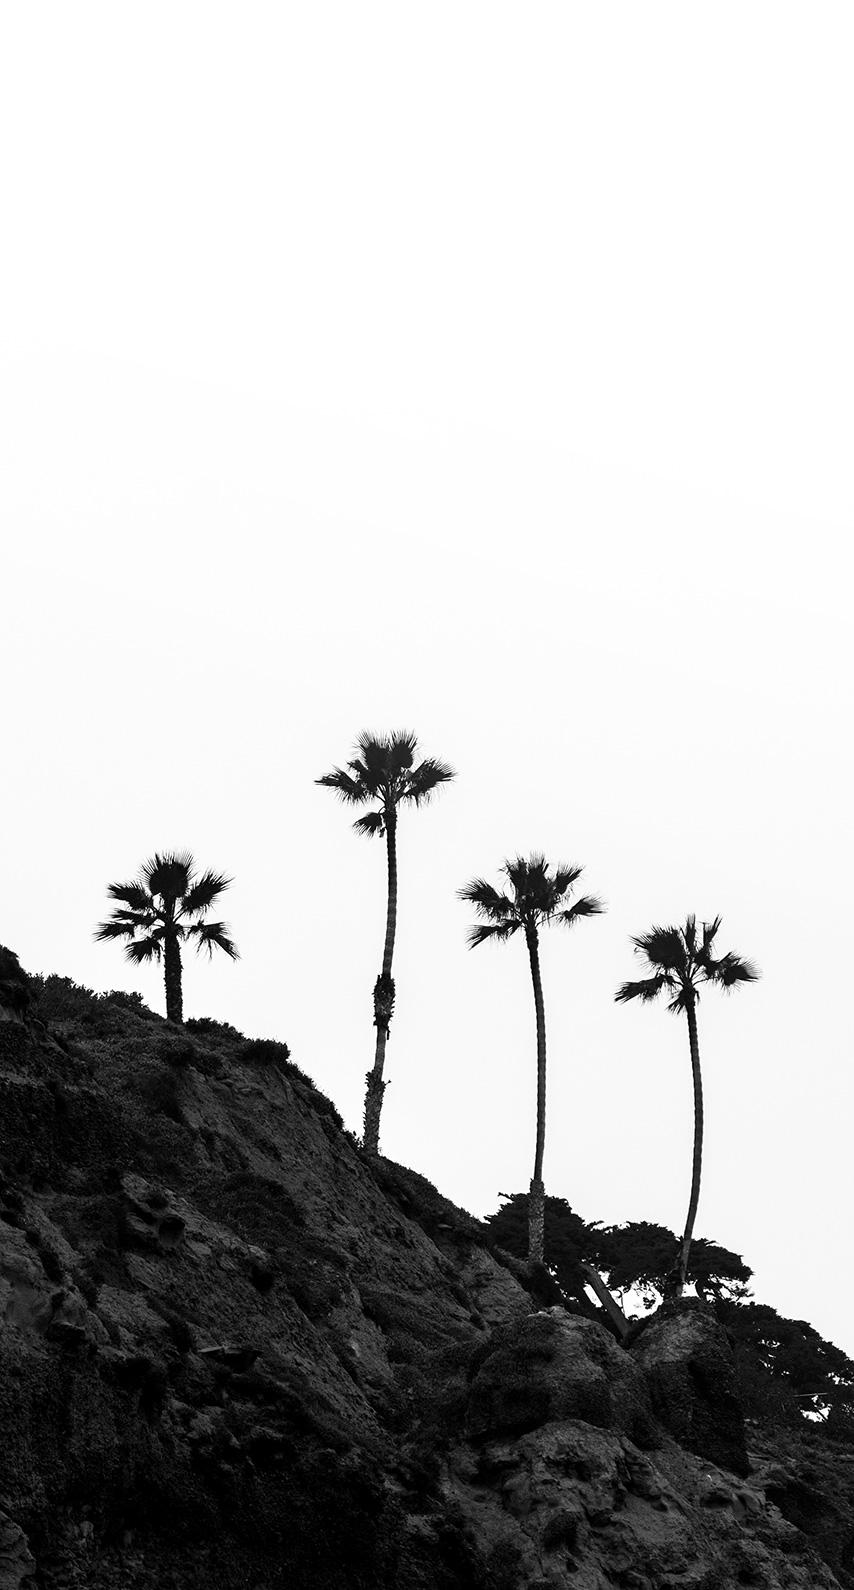 palms, bnw